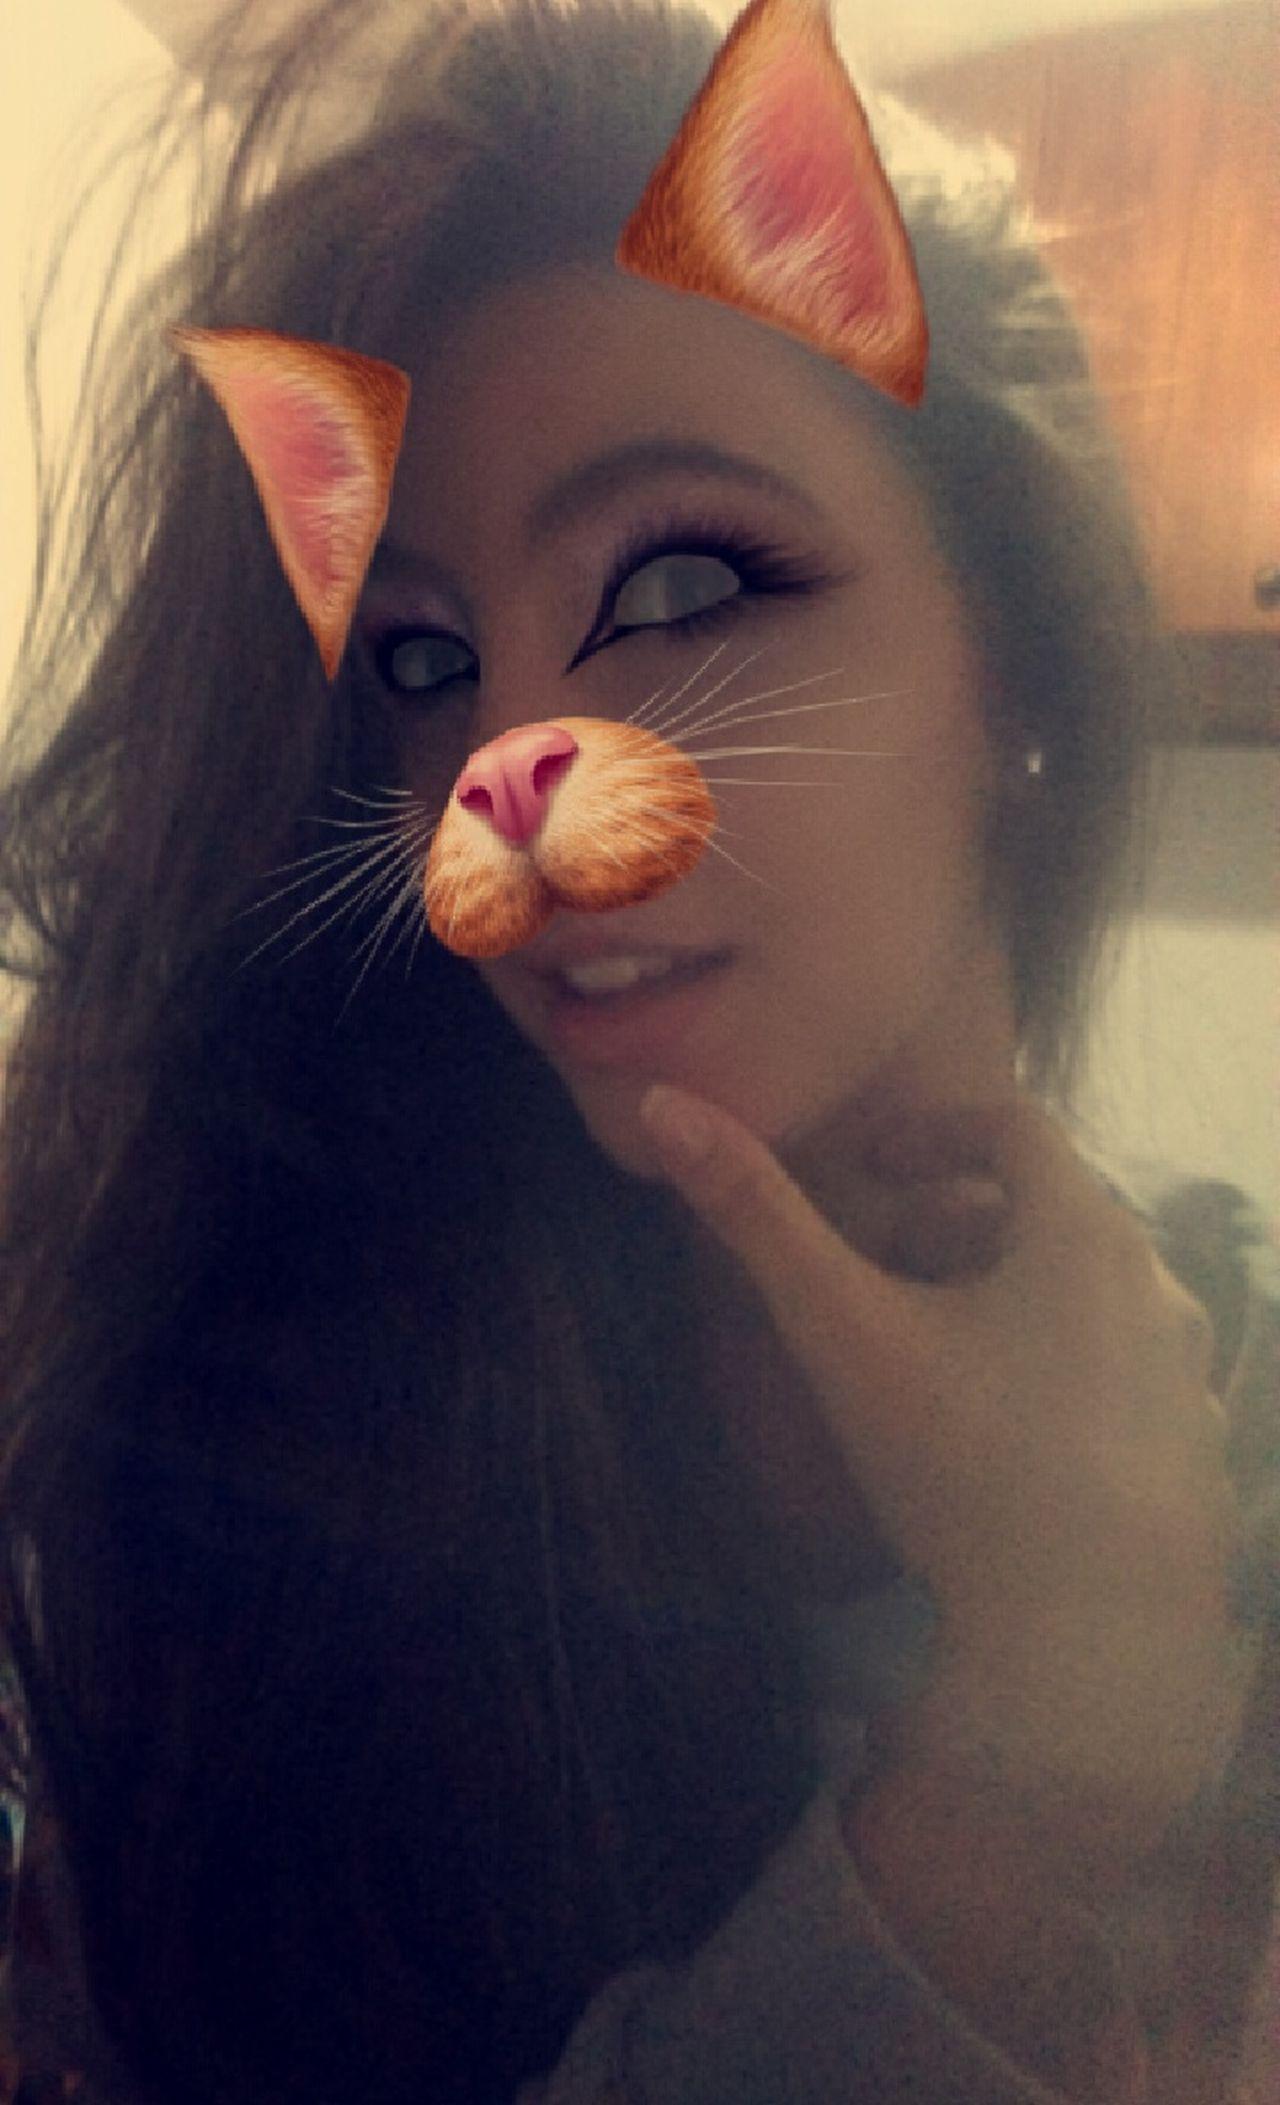 ah gata te cativou haha 😍 Miauuu 😺